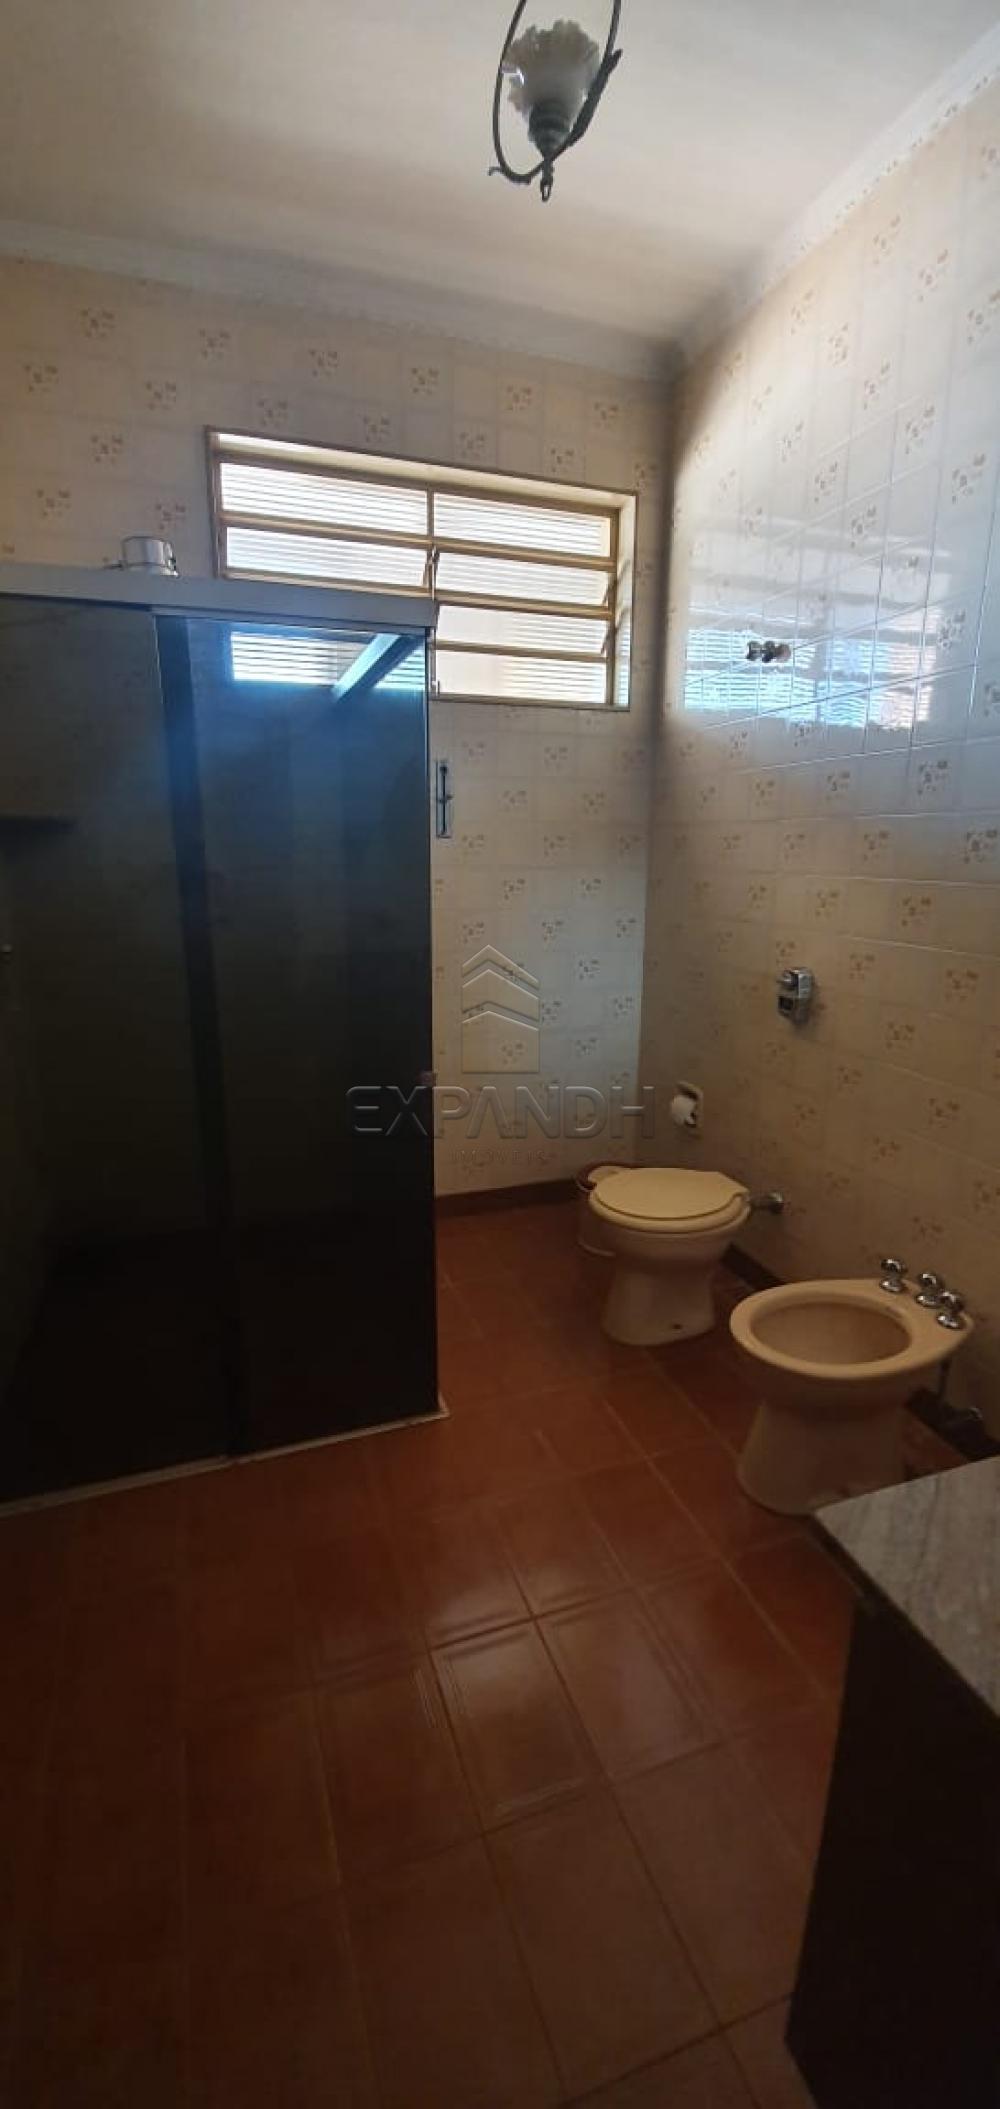 Comprar Apartamentos / Padrão em Sertãozinho apenas R$ 650.000,00 - Foto 12